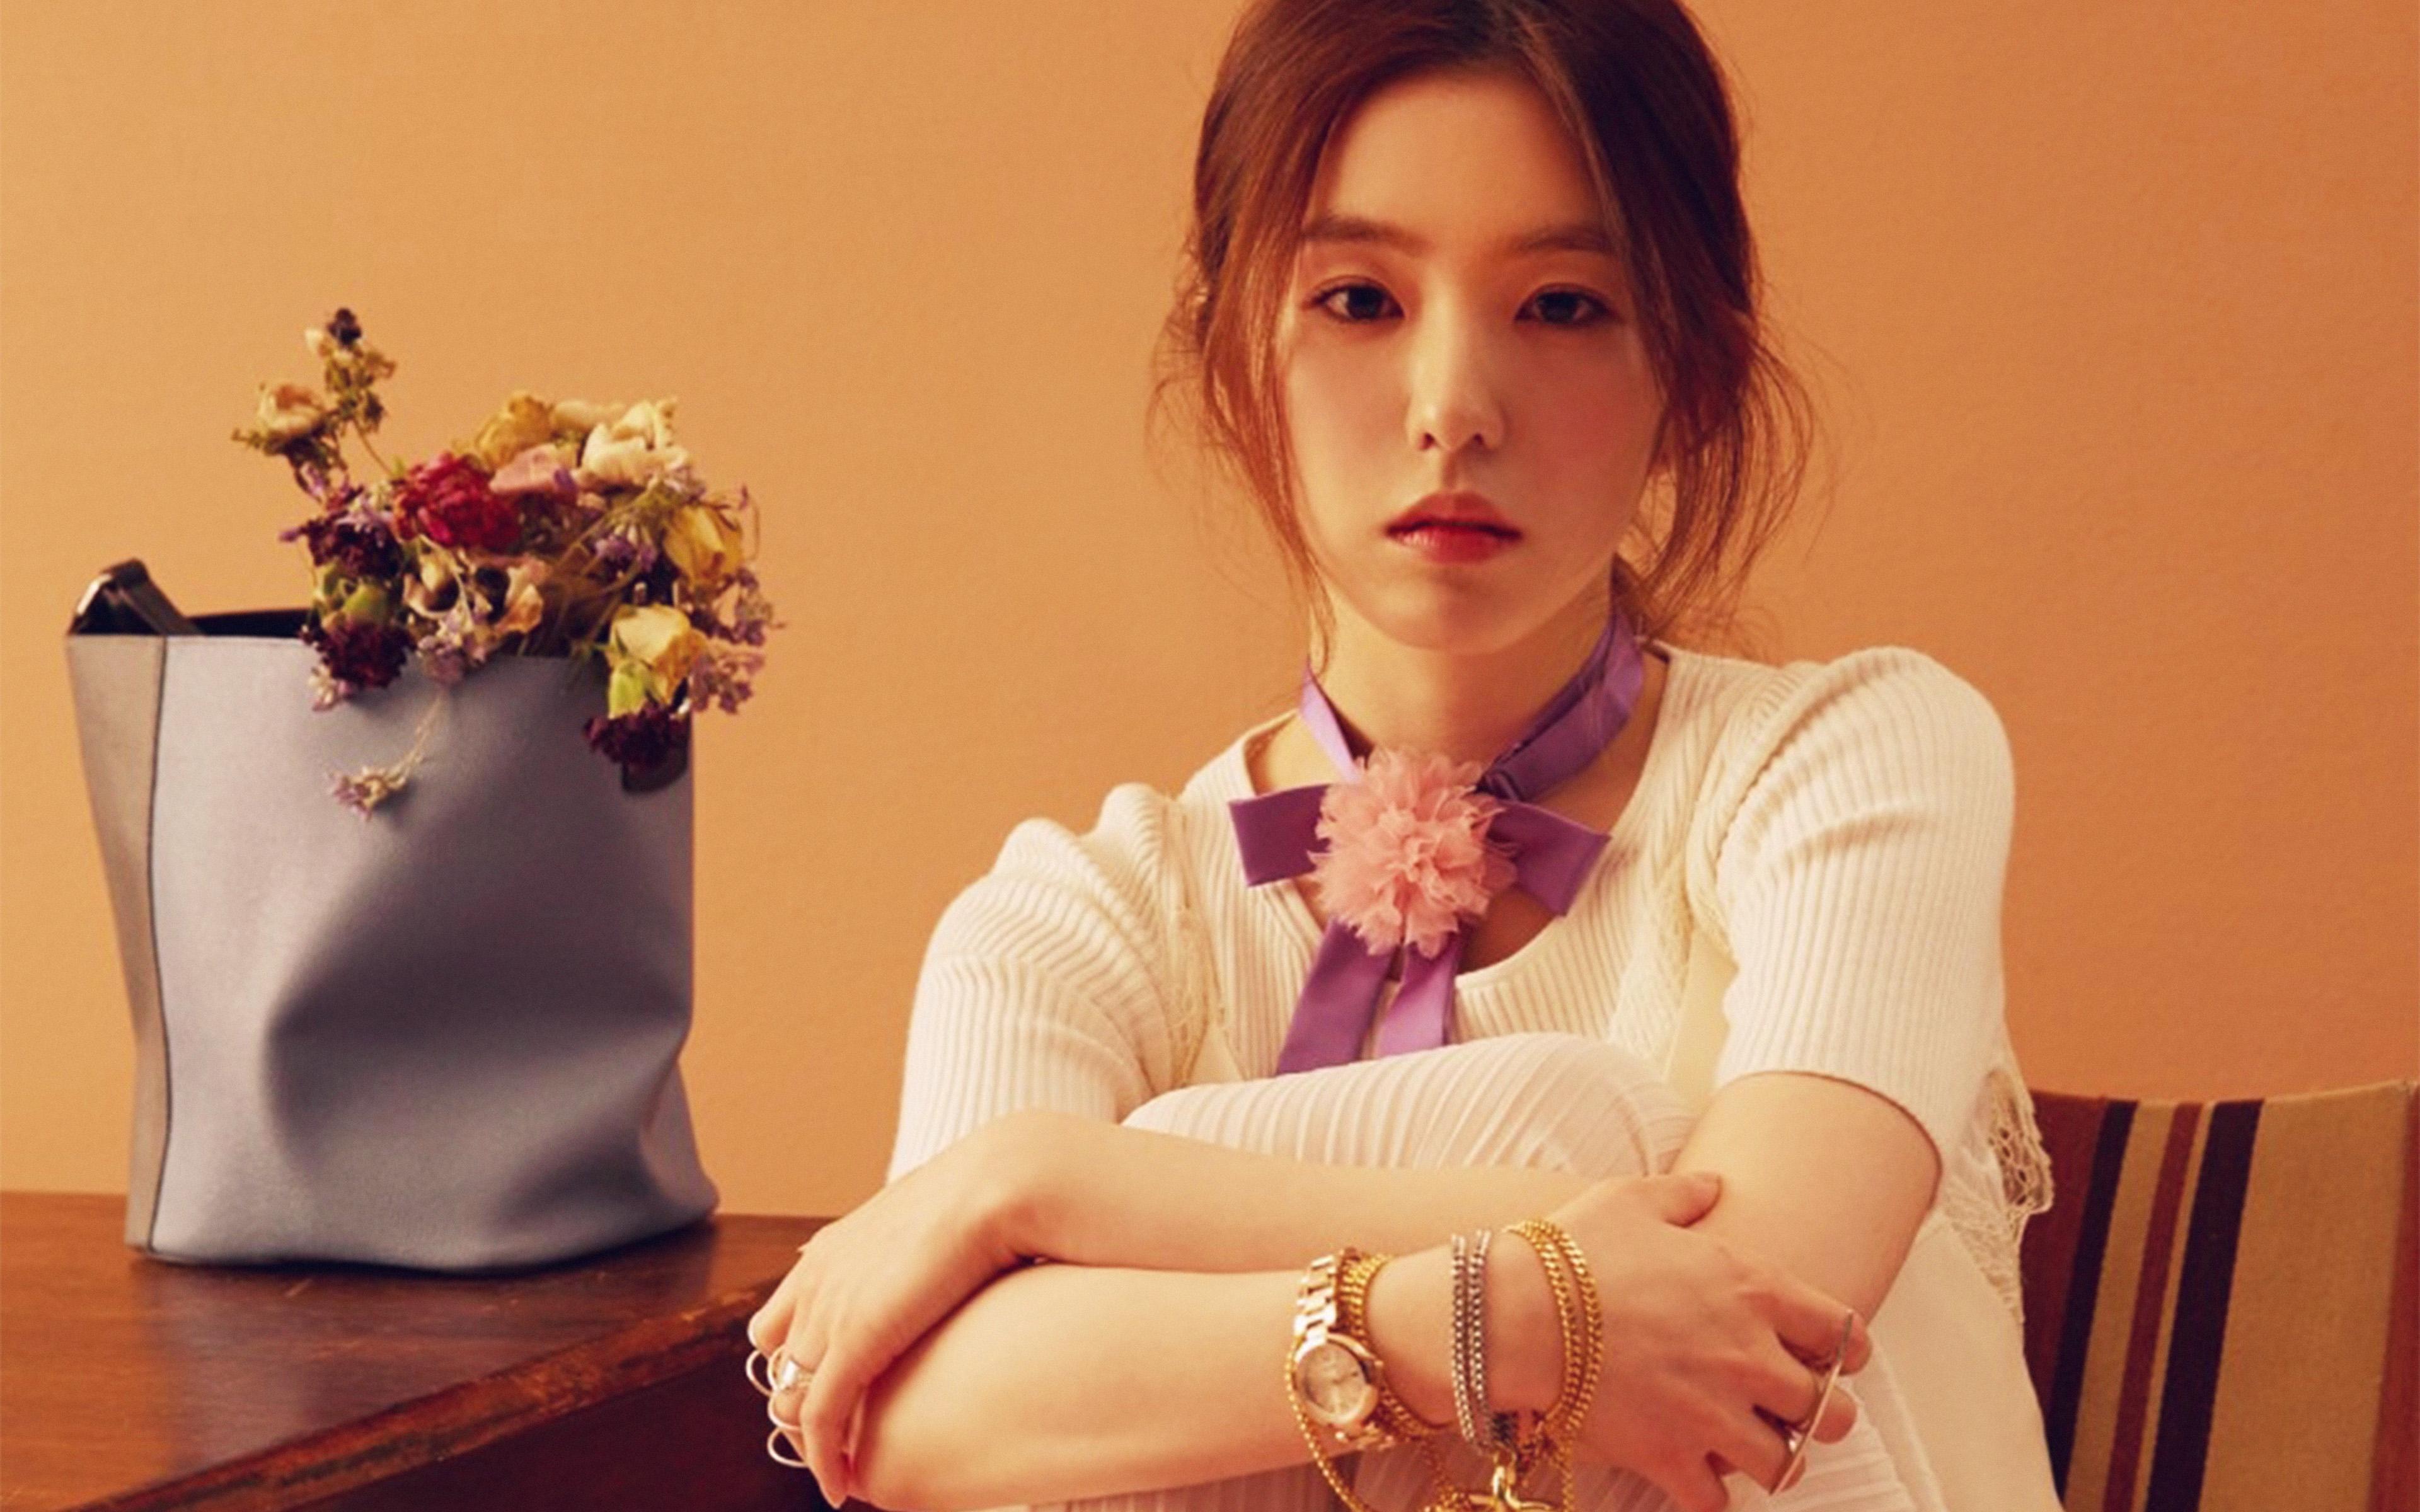 Ho54 Asian Girl Music Red Kpop Wallpaper